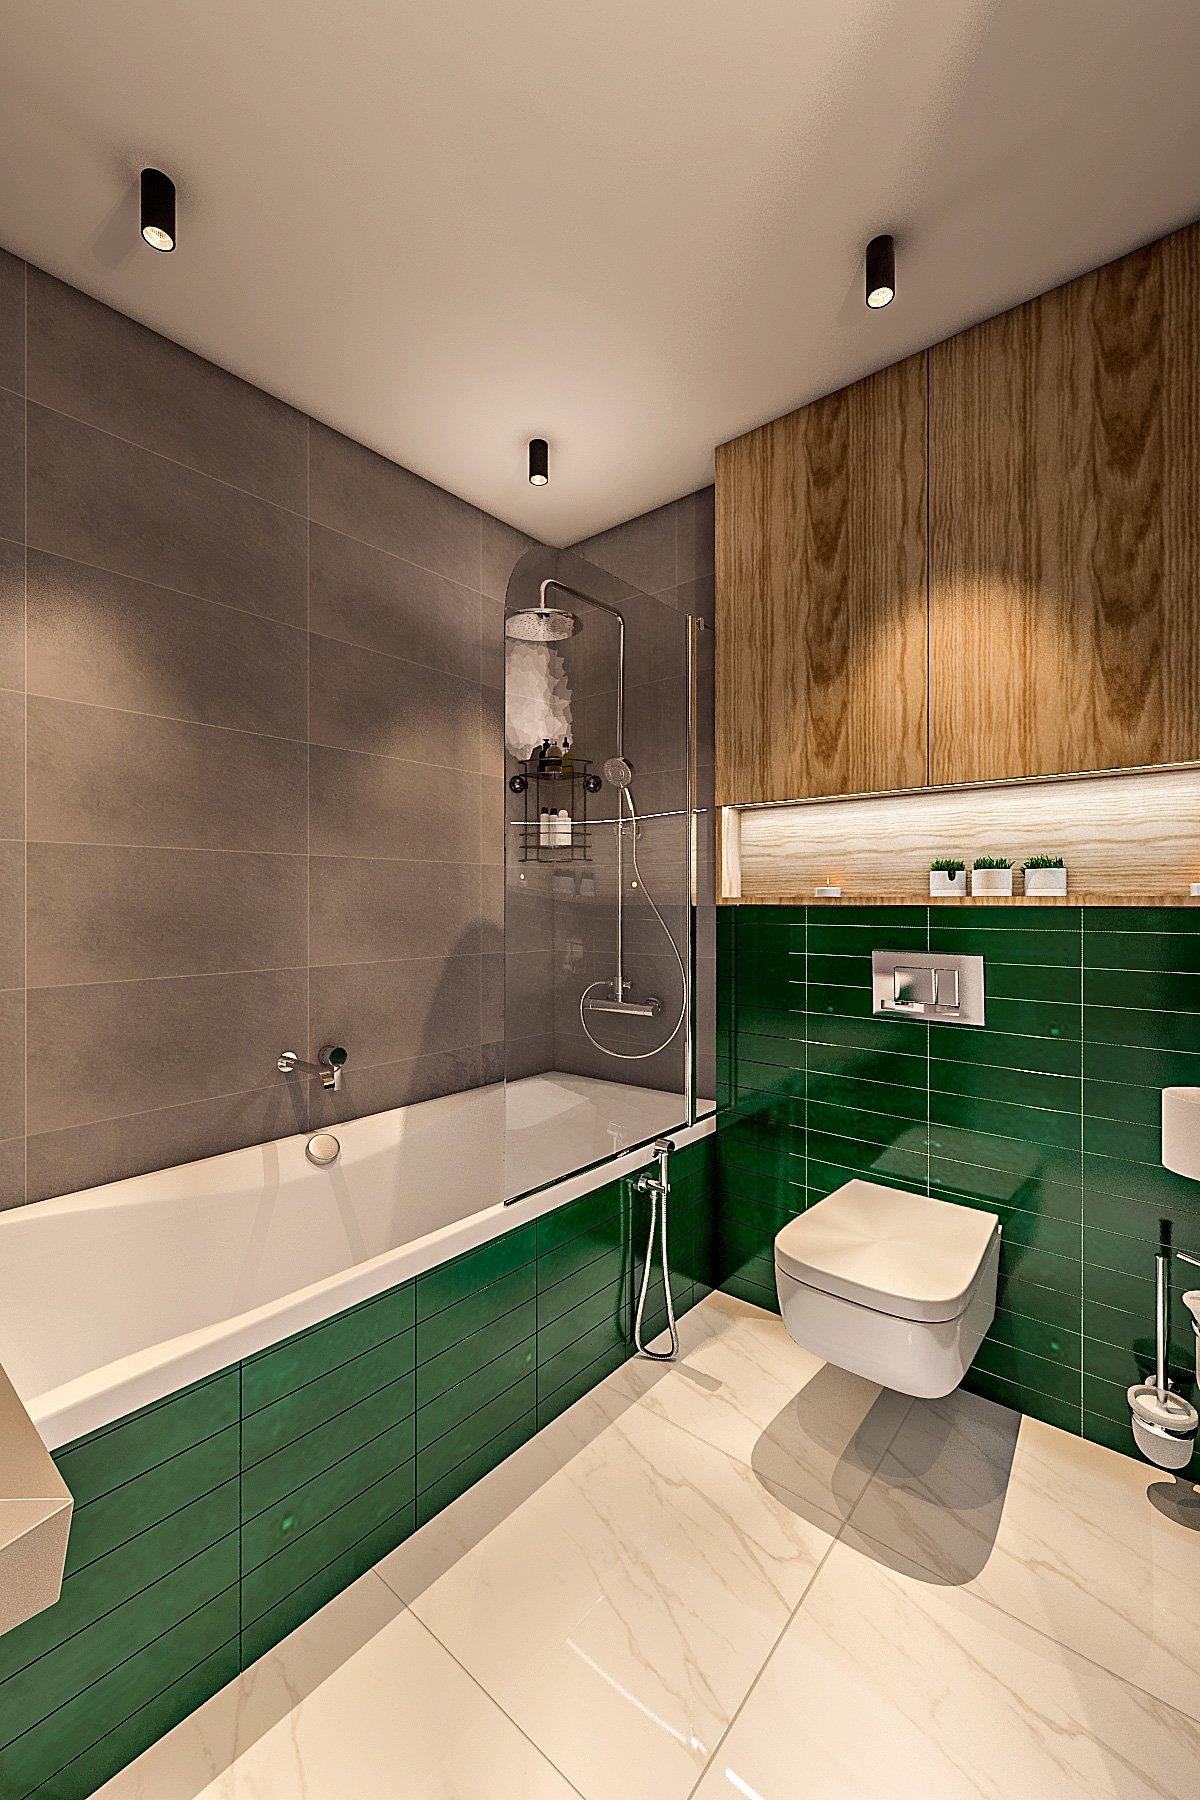 ванная комната в стиле лофт, темная плитка, зеленая плитка на экран ванной, душевой гарнитур, шторка стеклянная на ванну, подвесной унитаз, полка с подсветкой над унитазом, шкафчик над инсталляцией вид 3